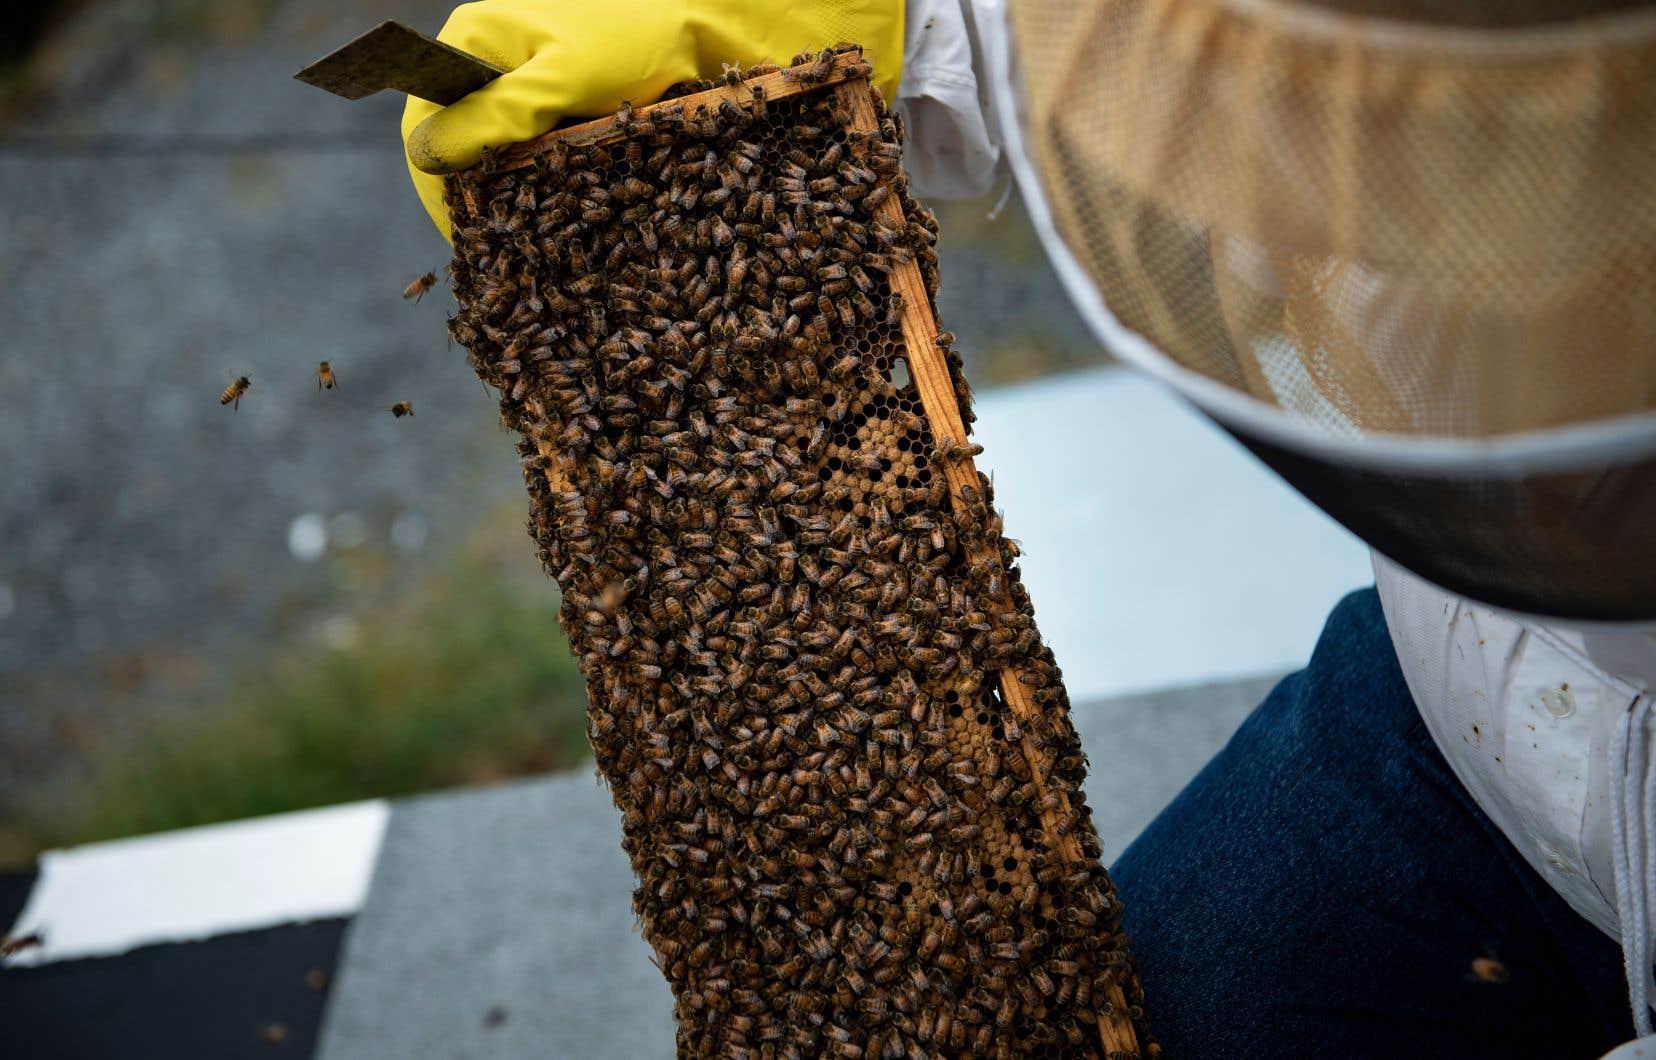 Préoccupés par la mort de leurs abeilles, les apiculteurs québécois veulent moins de produits toxiques dans les champs.